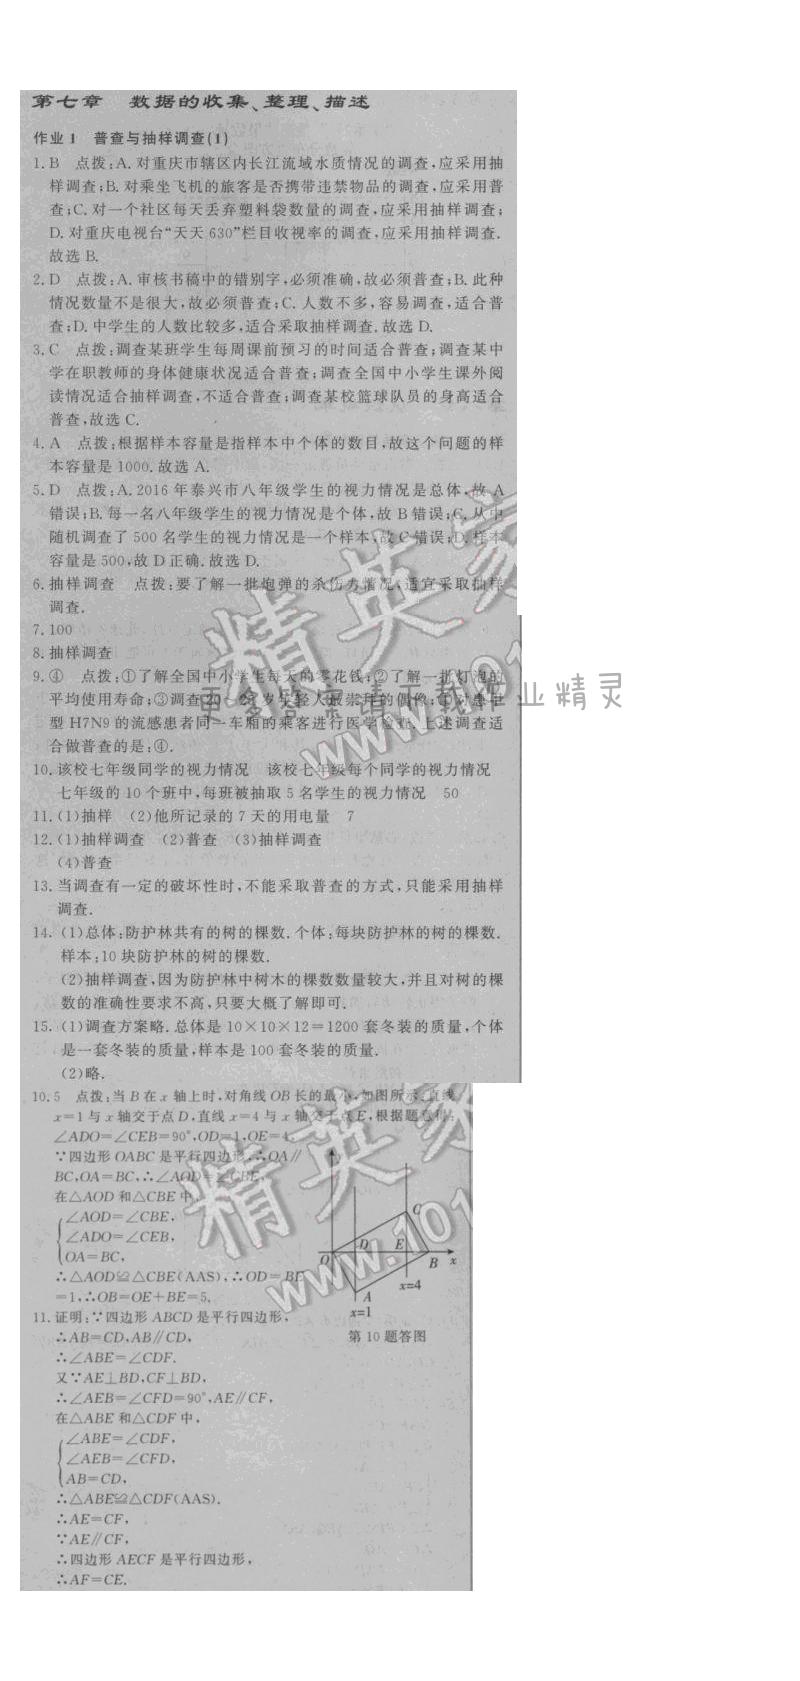 2016年启东中学作业本八年级数学下册江苏版 第七章 作业1